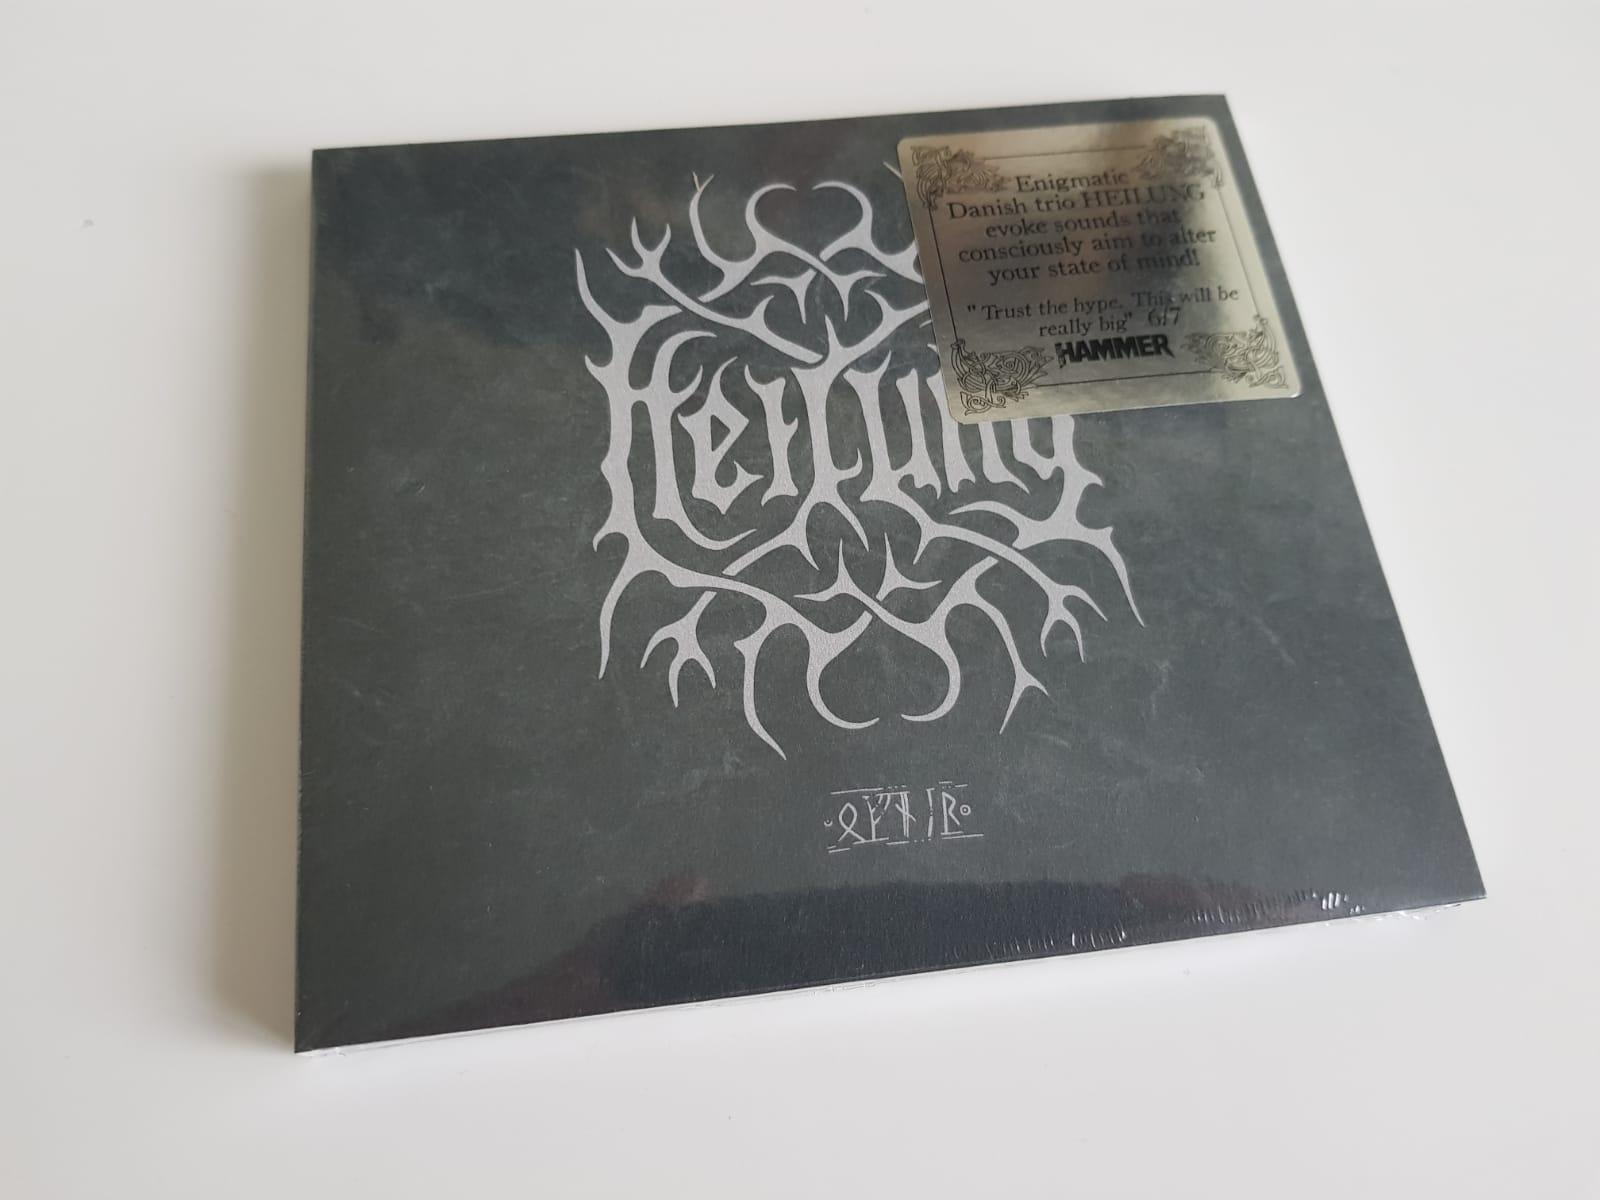 Heilung-Ofnir-CD-DIGIPAK